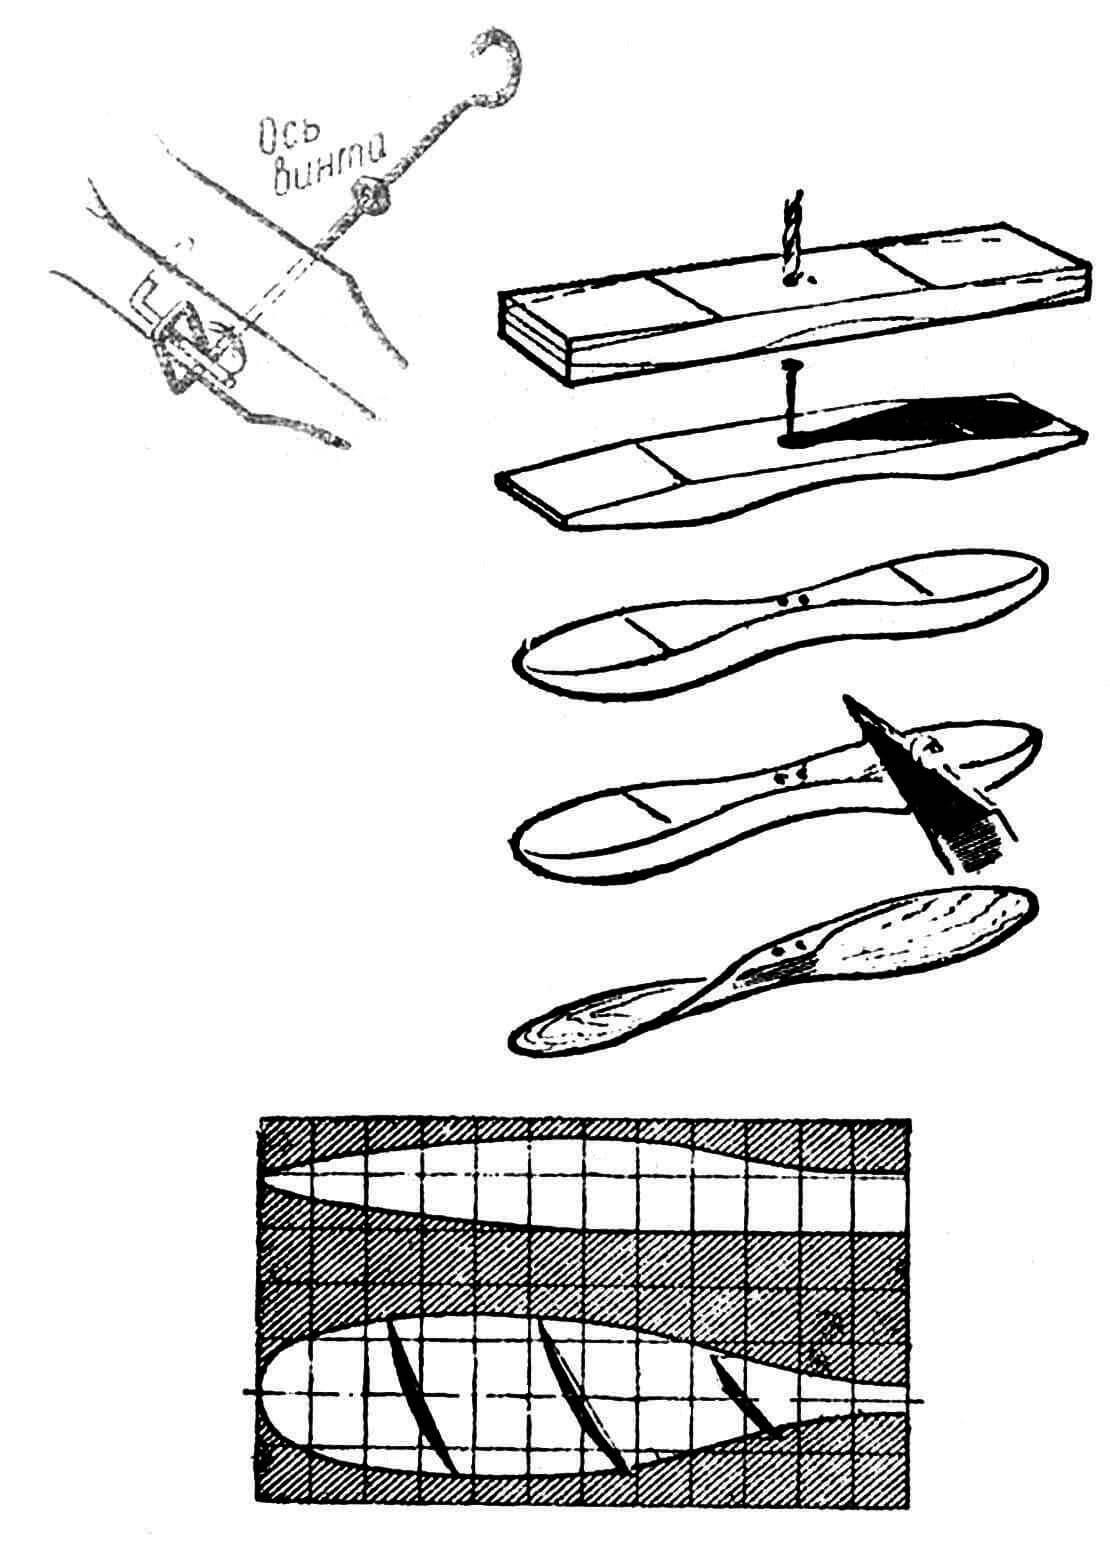 Рис. 9. Пластина с фигурной прорезью для управления реверсом подвесного мотора «Вихрь» (после переделки). Буквой «Н» обозначена площадка, фиксирующая нейтральное положение.